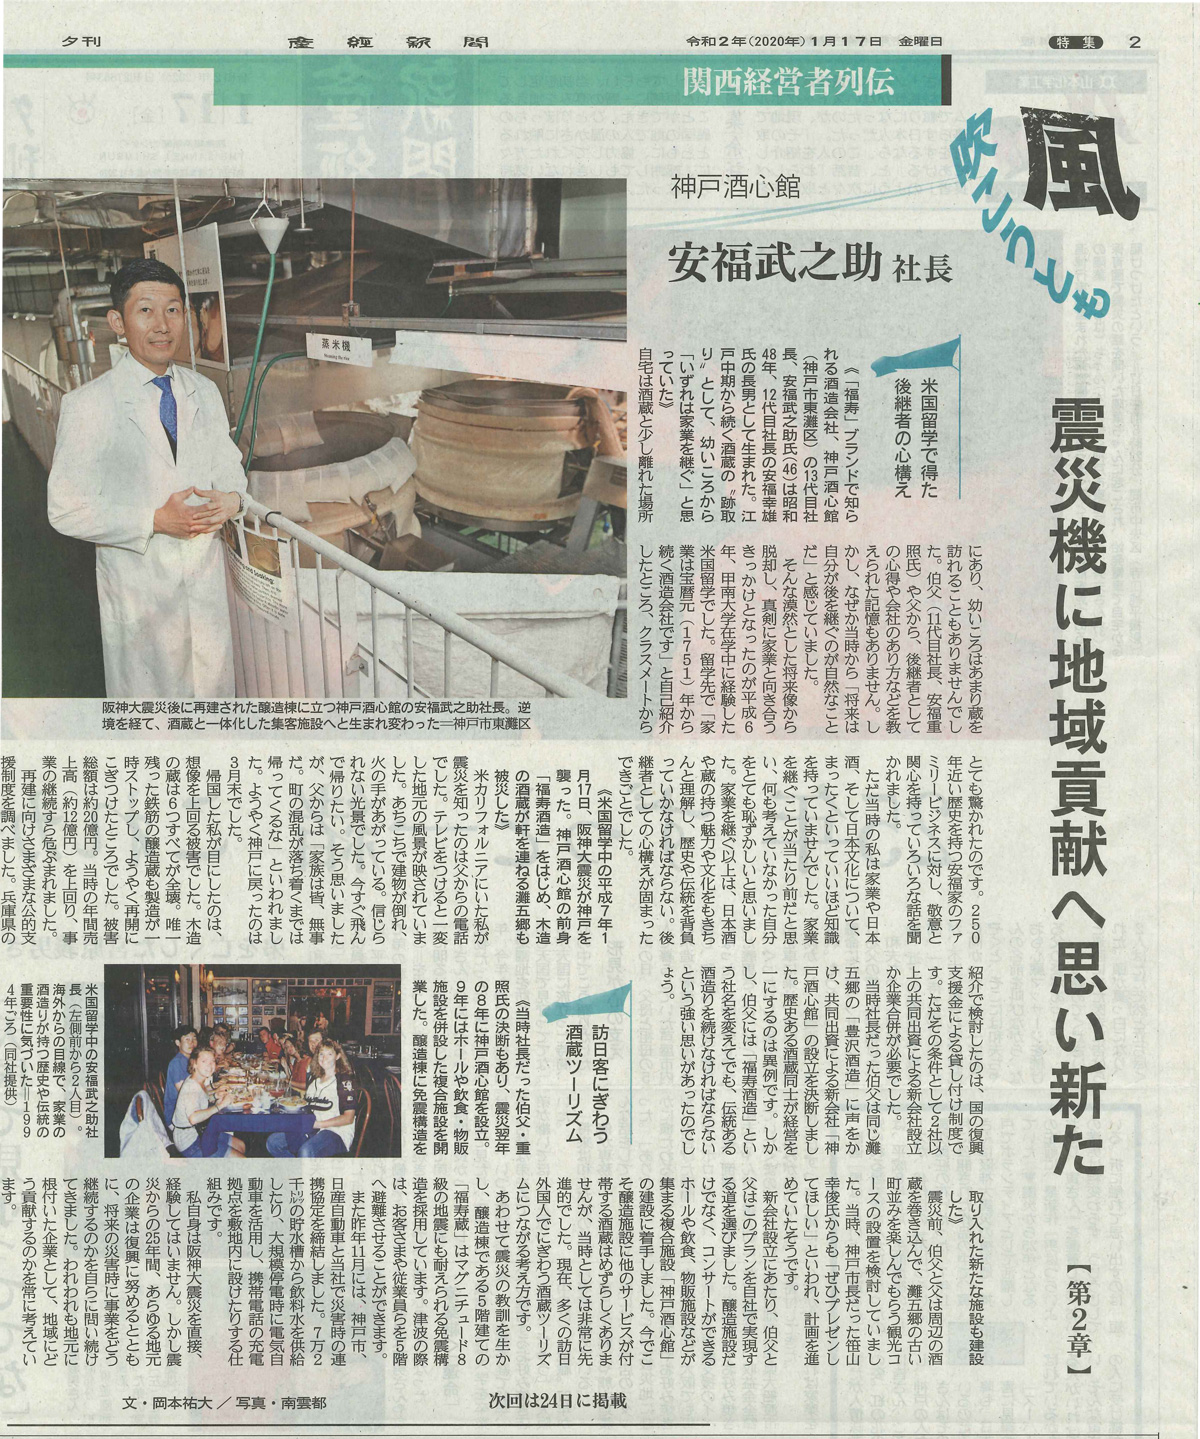 産経新聞連載「関西経営者列伝 風吹こうとも」にて<br>第2章が掲載されました